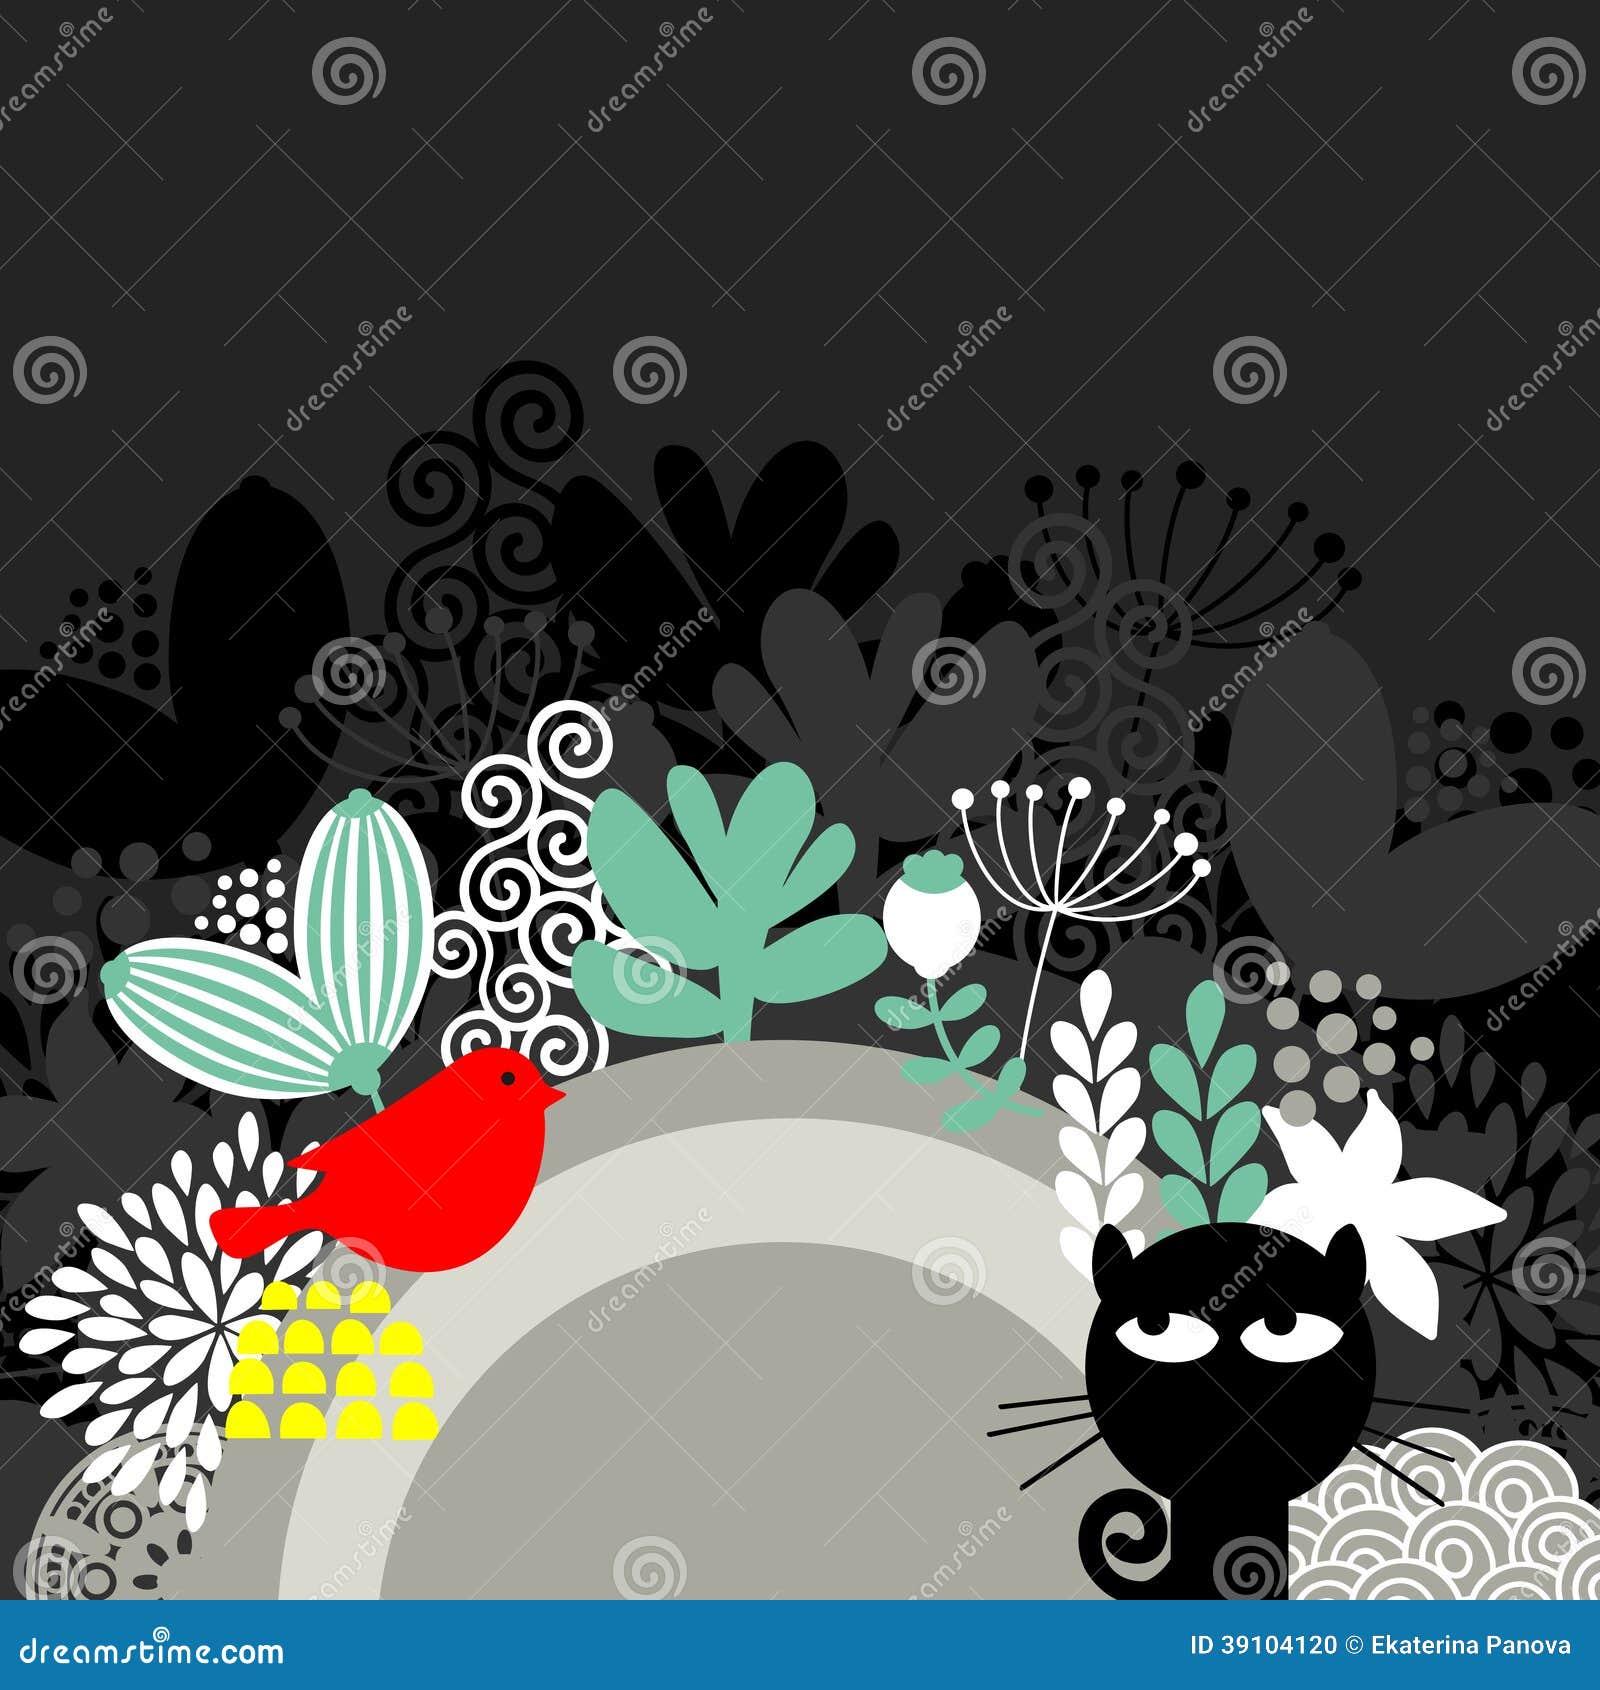 Halve ronde banner met zwarte kat en rode vogel.